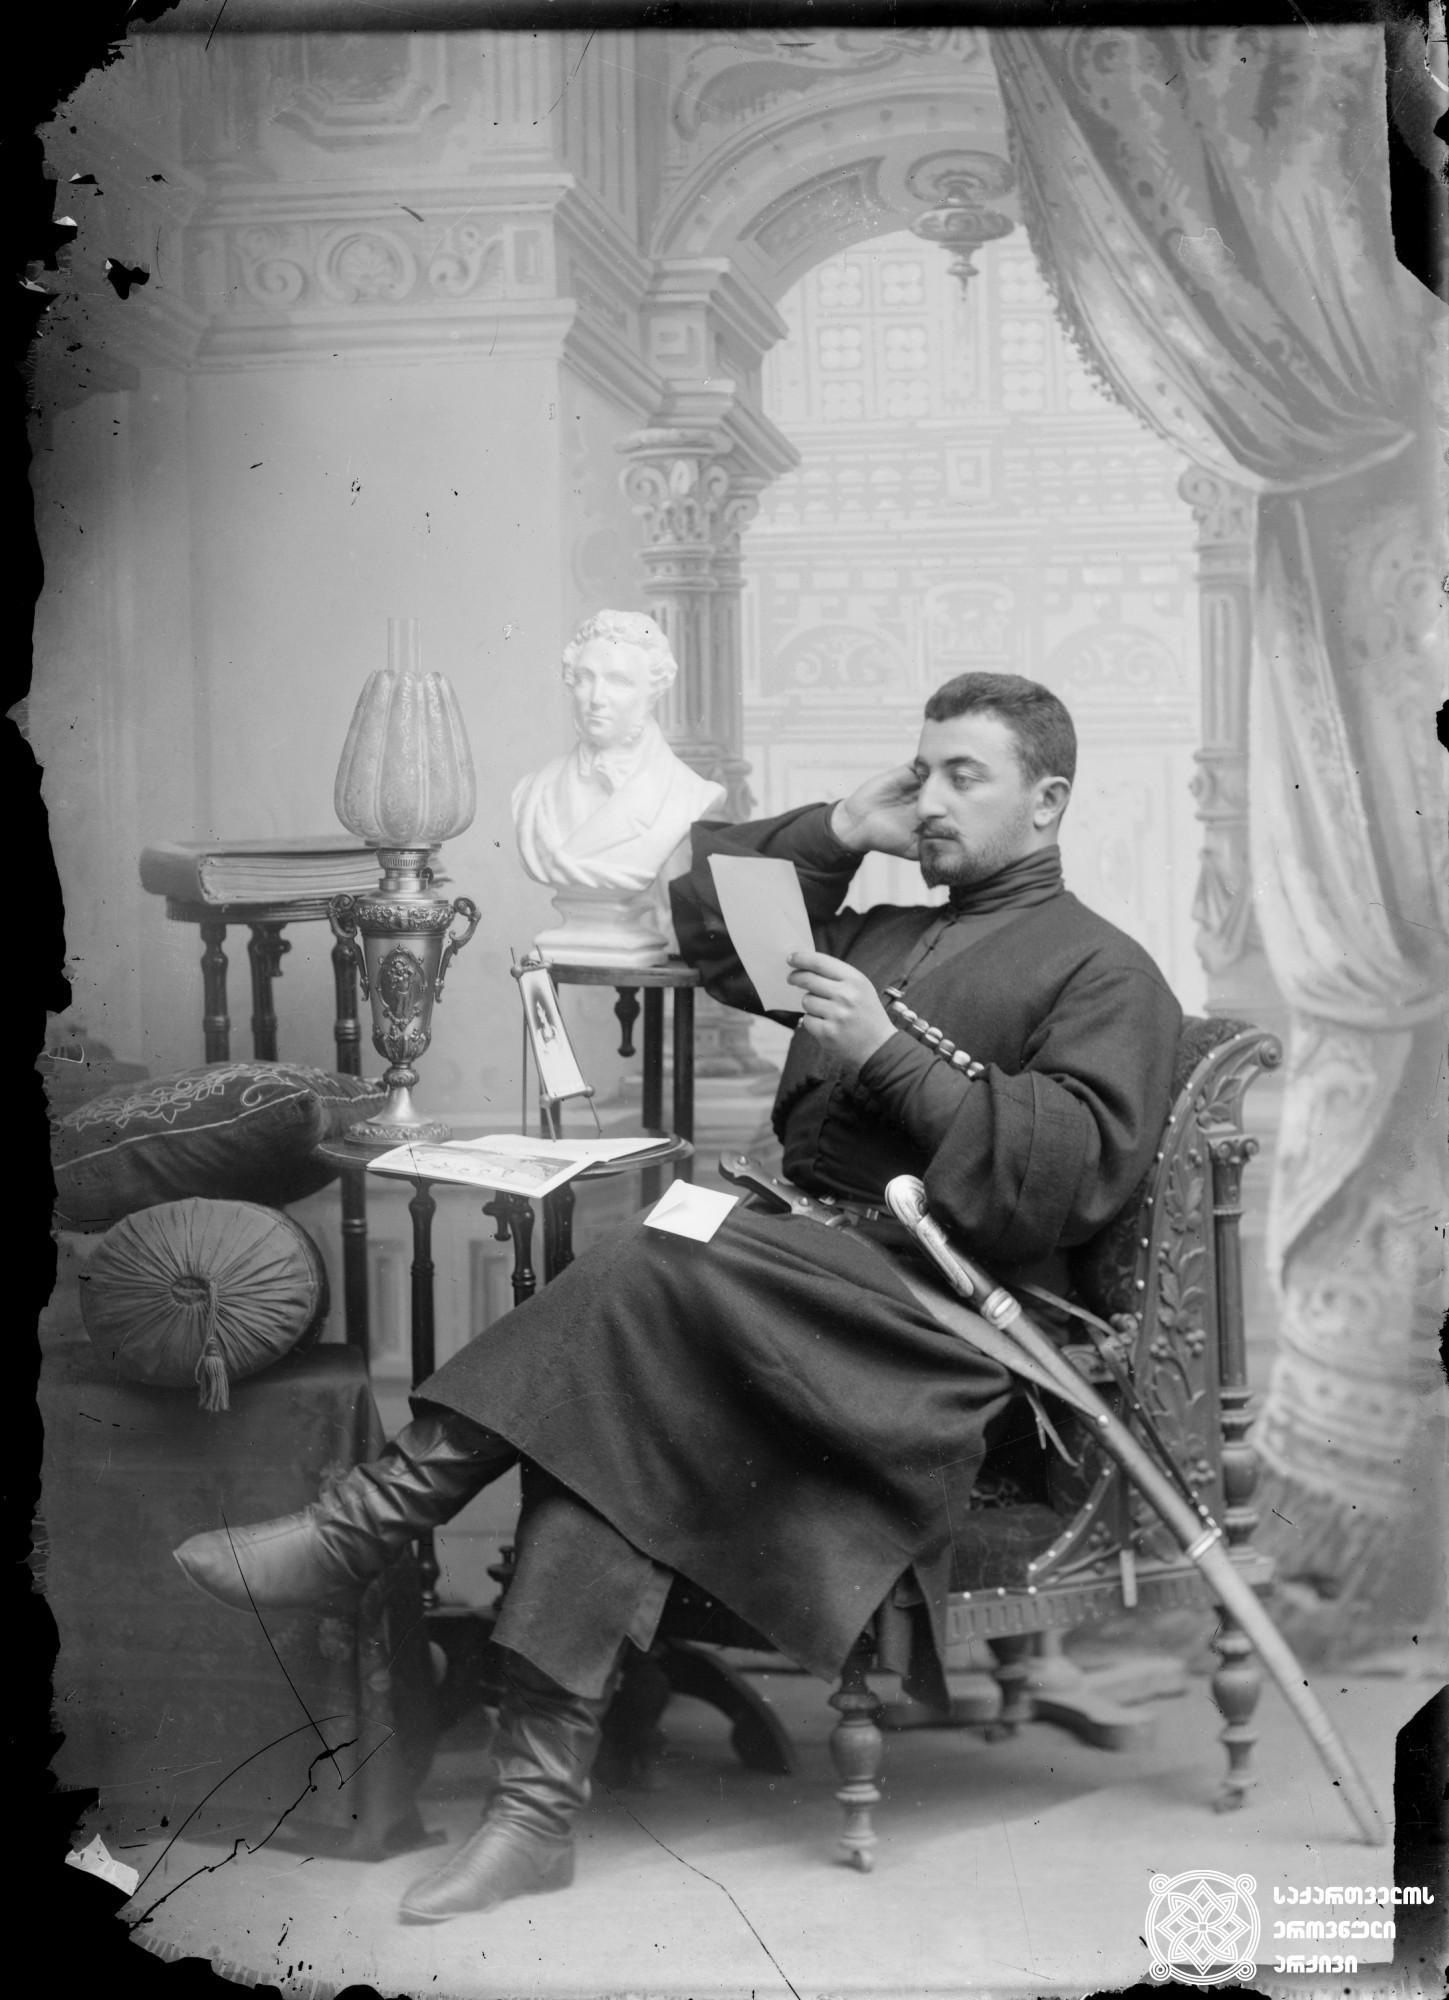 ლევან დადეშქელიანი (1873-1918) ქართველი პუბლიცისტი, პოლიტიკური მოღვაწე. <br> მინის ნეგატივი 12X16. <br> Levan Dadeshkeliani (1873-1918) Georgian publicist, political figure. <br> Glass negative 12X16. <br>